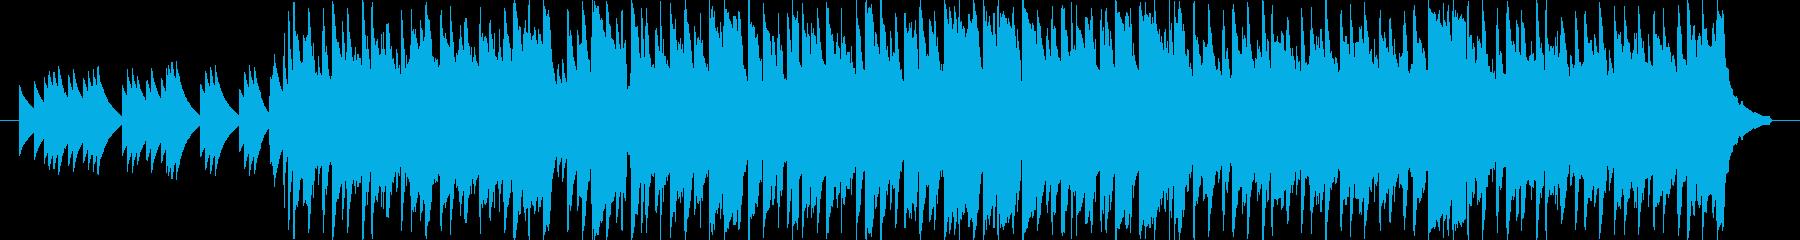 恋愛シミュレーションゲームのBGMにい…の再生済みの波形